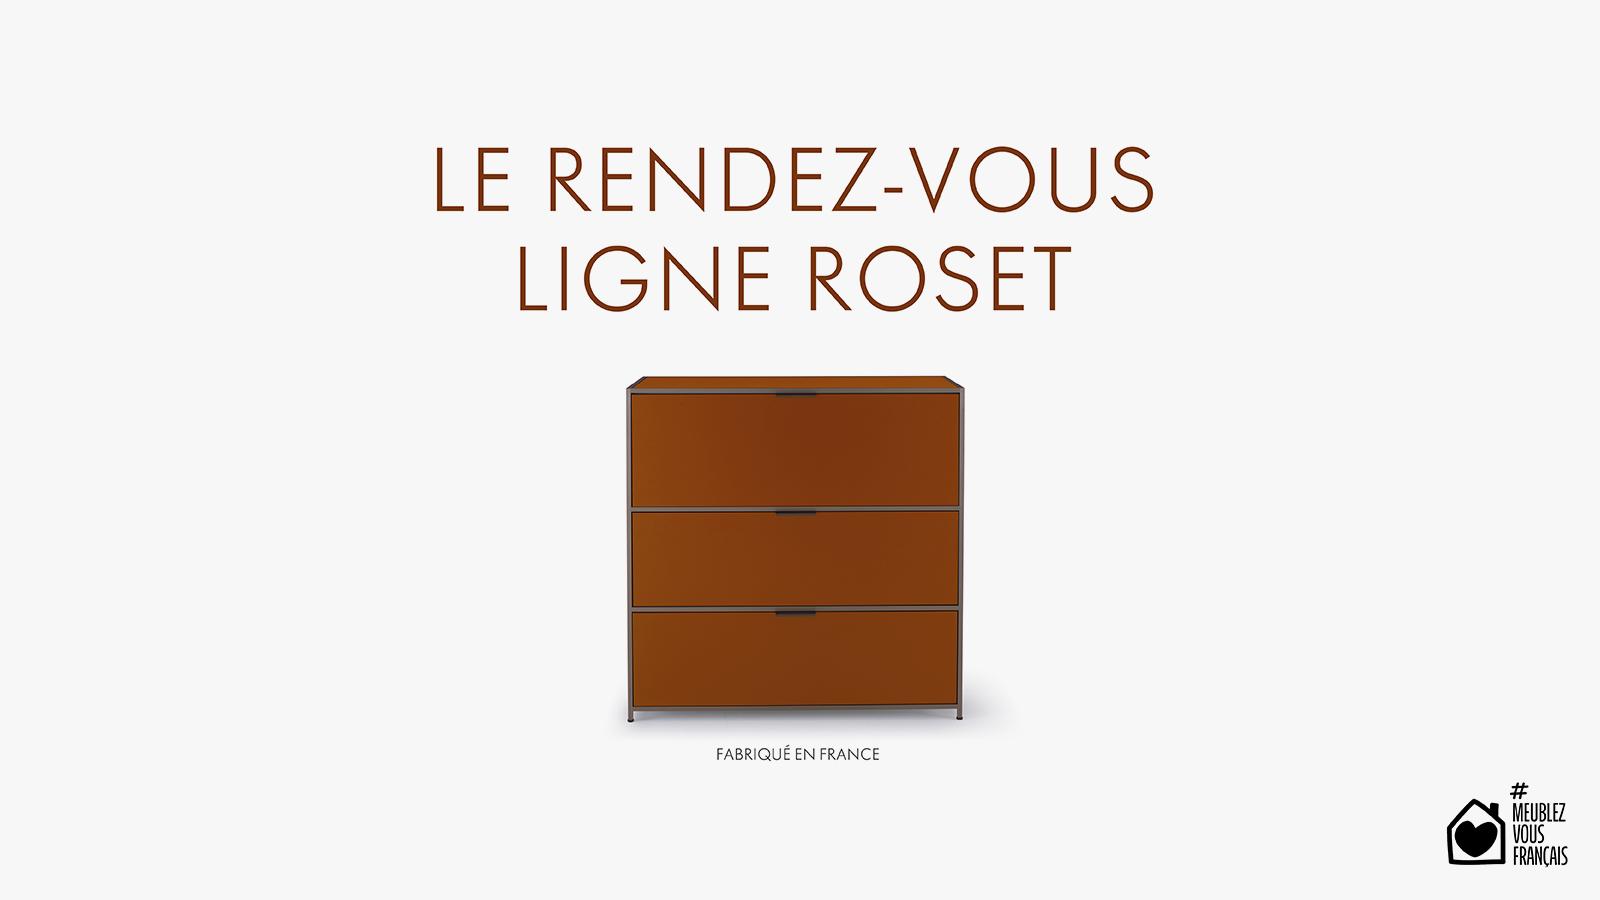 LE RENDEZ-VOUS Ligne Roset